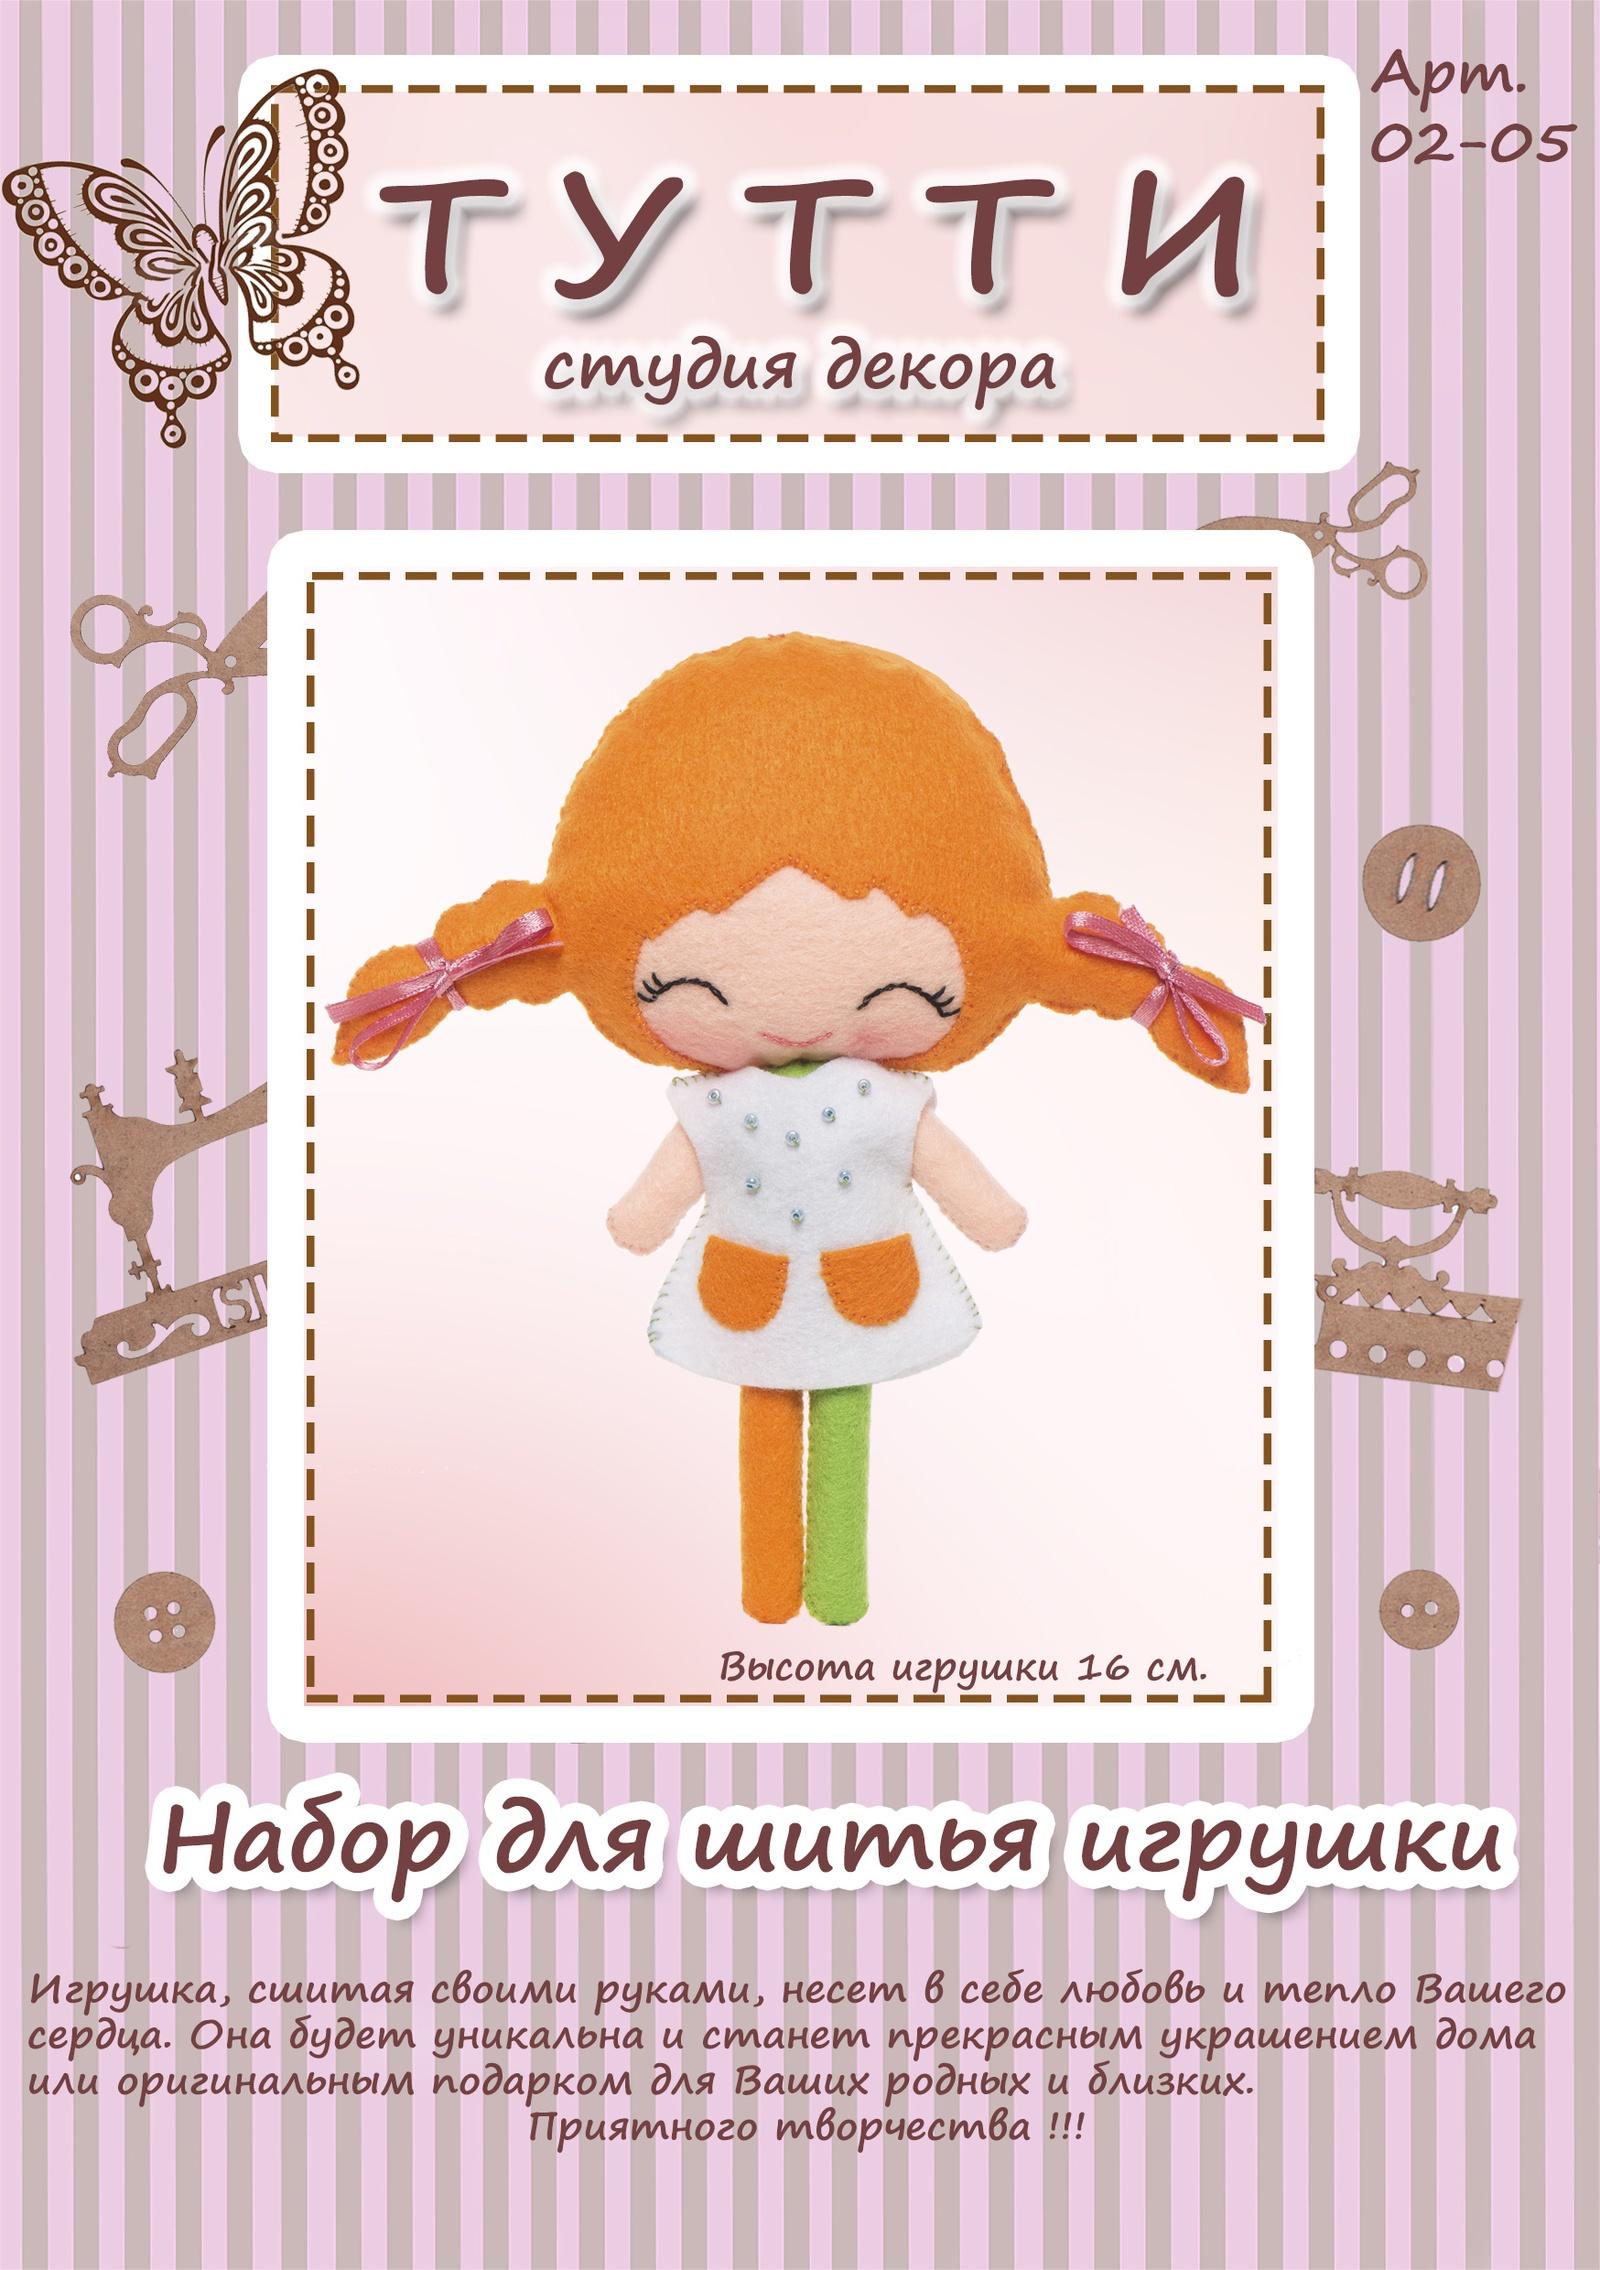 Набор для шитья игрушки из фетра Тутти Девочка Пеппи, 02-05 наборы из фетра в пакете с хедером четырехлистники 11 21136 15